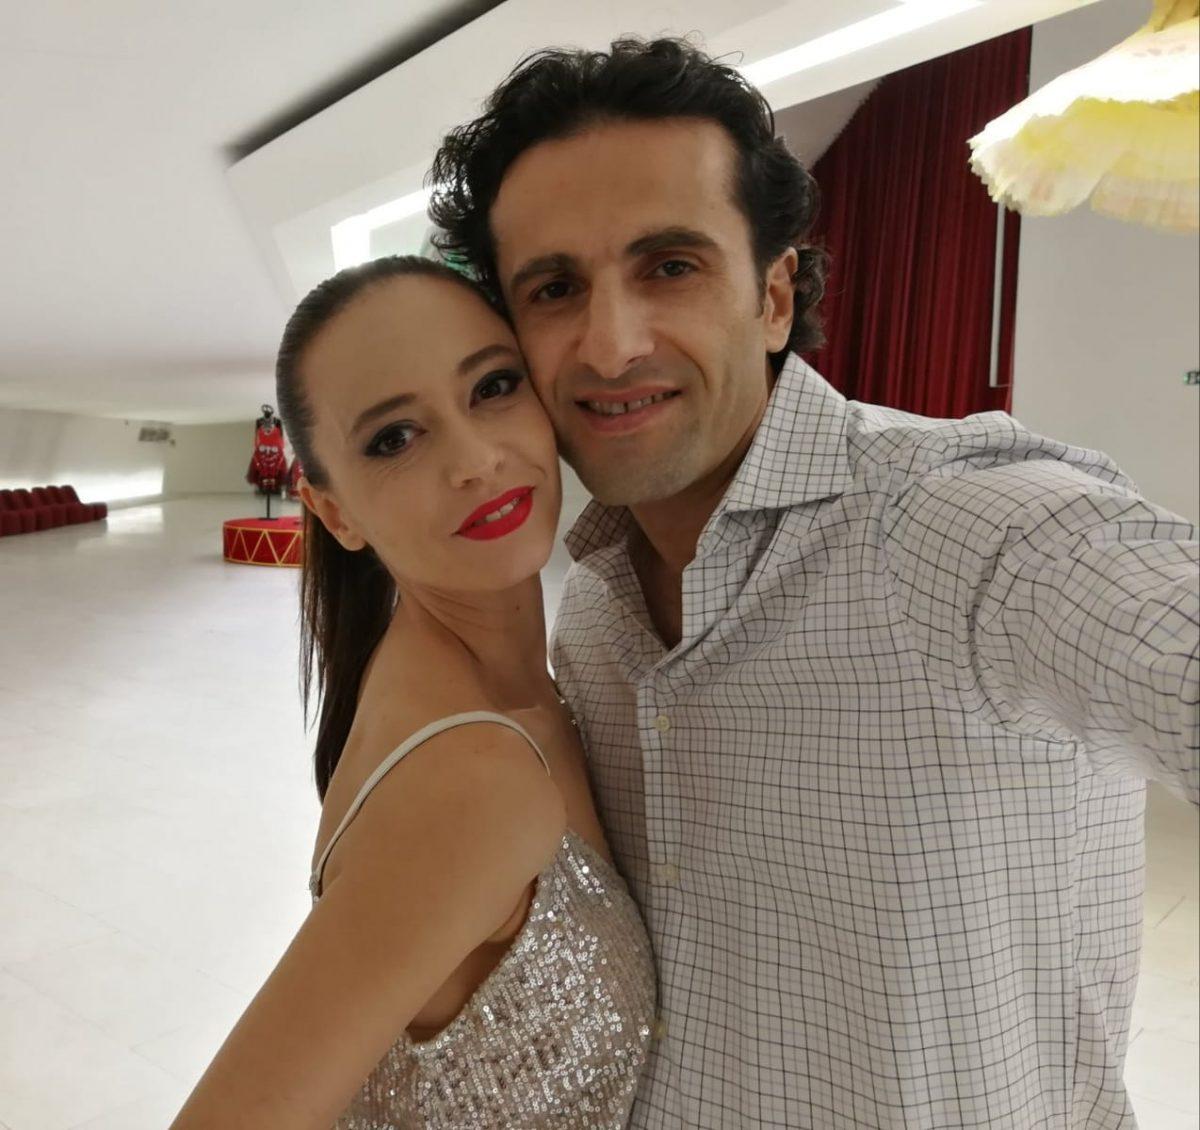 """""""Не беше лесно да се навива еден против друг"""" - фудбалска ноќ во домот на балетската двојка Наташа Јосифовска и Василиј Чичијашвили"""